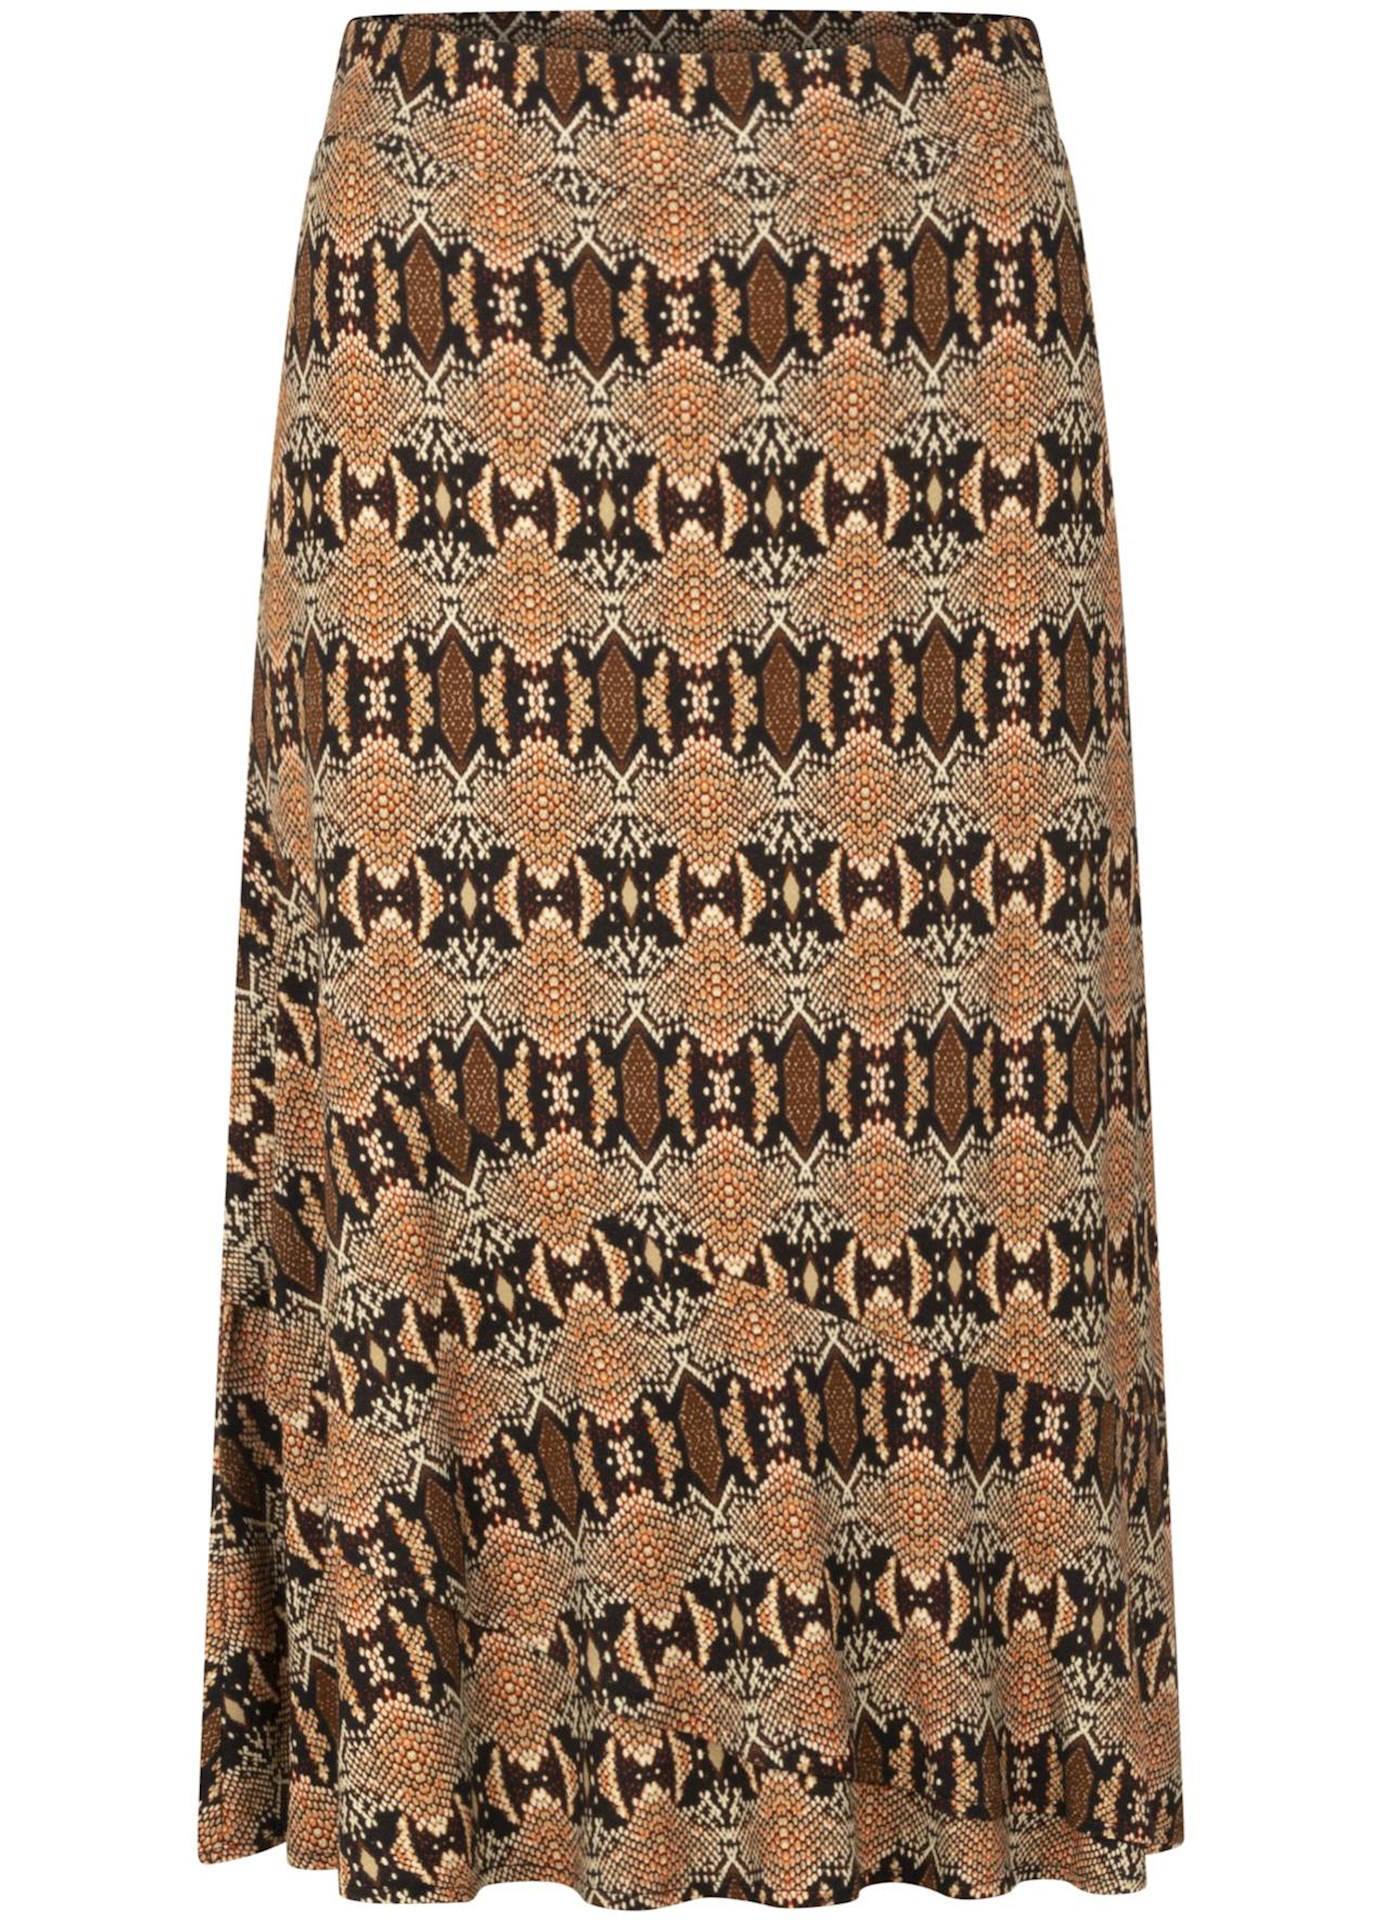 Tramontana midi rok met slangenprint beige/roodbruin online kopen